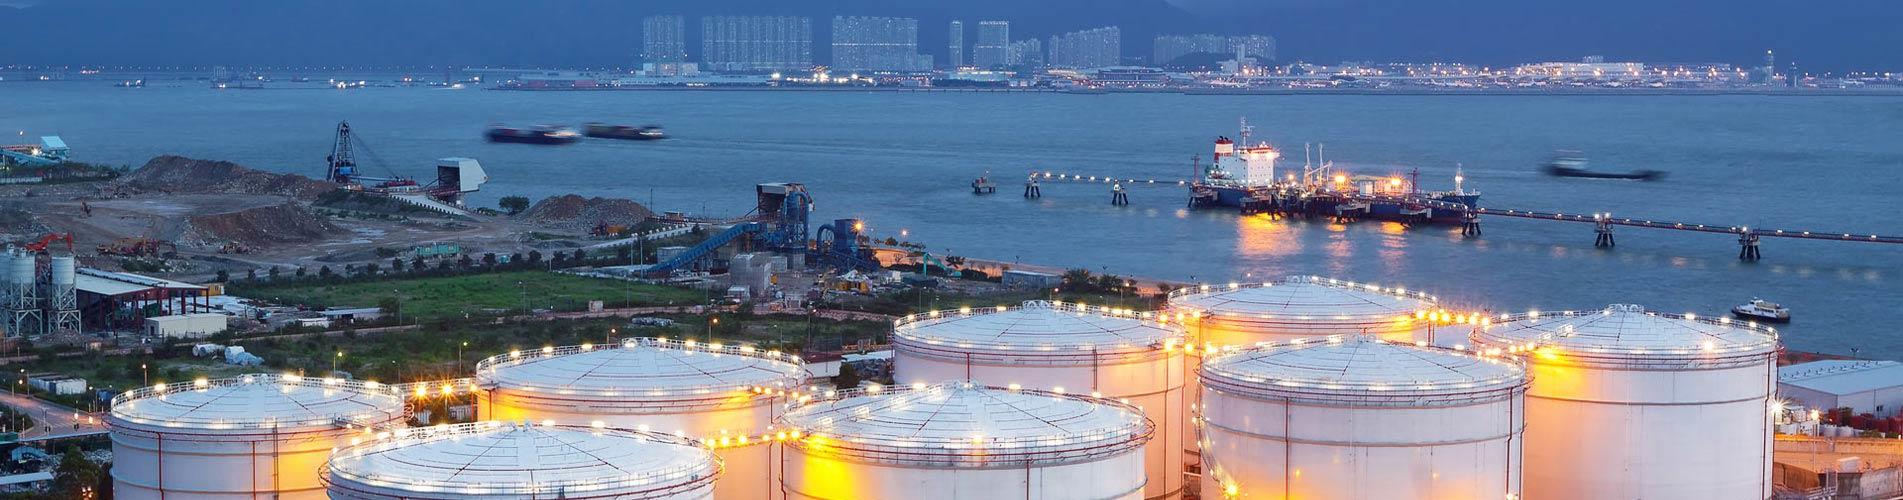 Petrochemical Loading Port